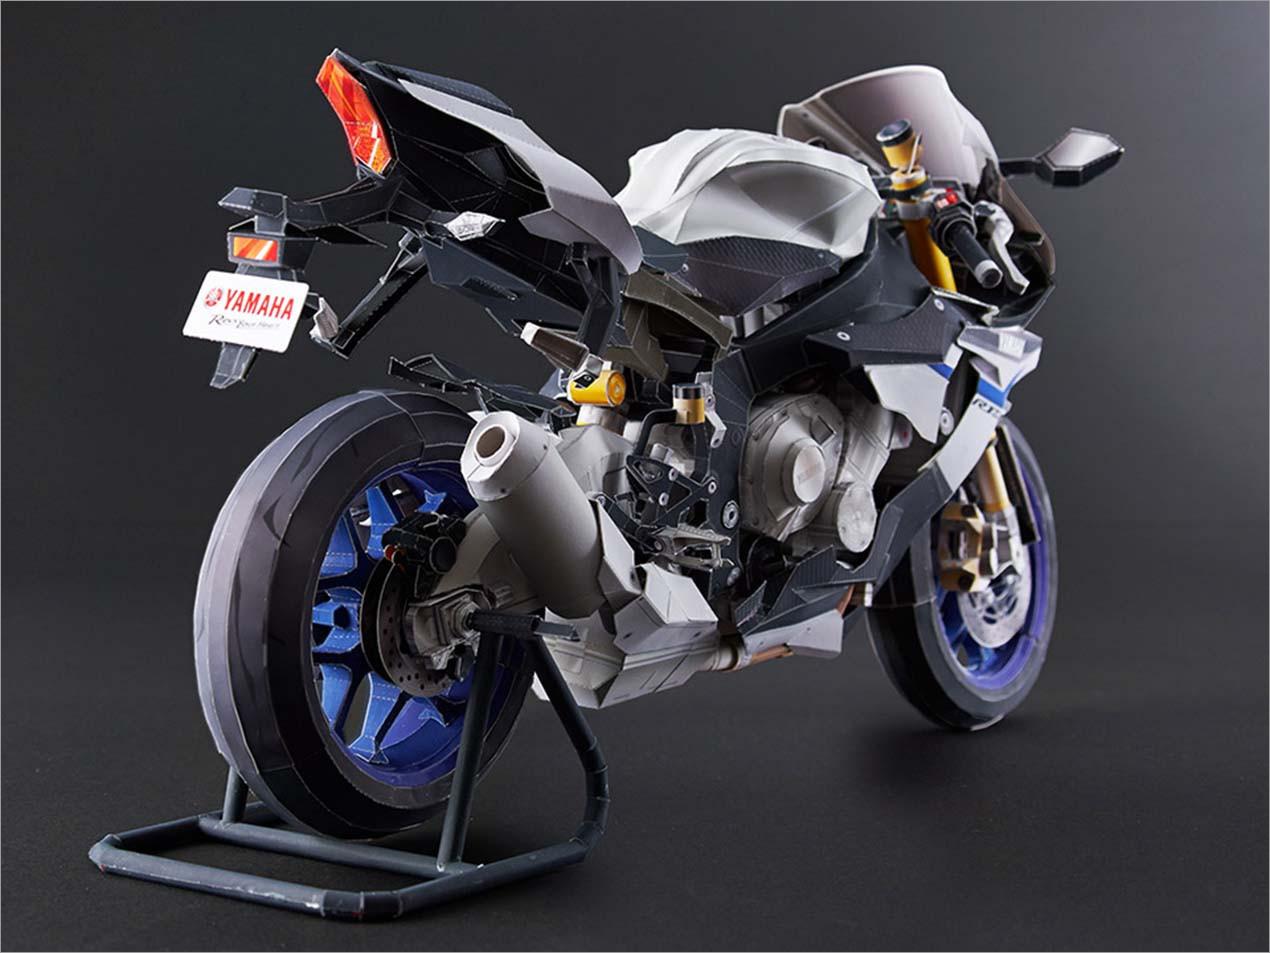 Motorcycle Papercraft Yamaha Yzf R1m 08 Papercraft